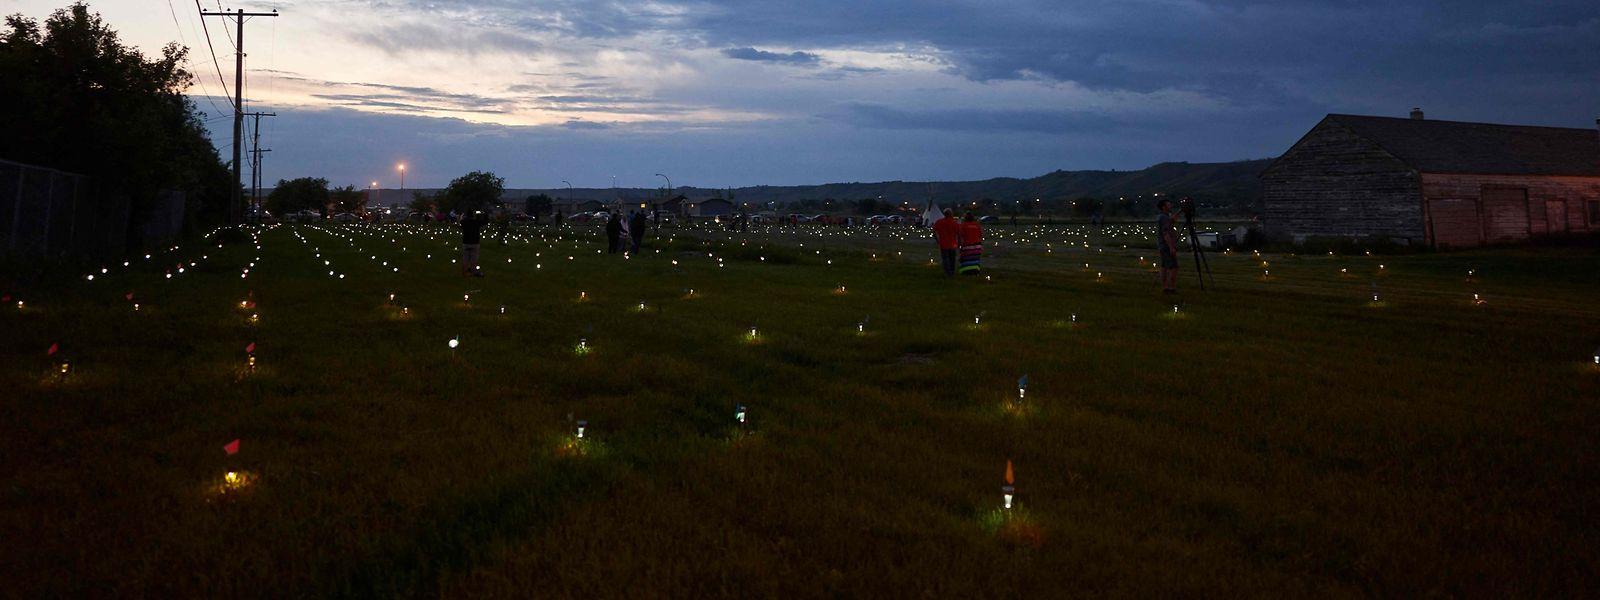 Lichter zum Gedenken an die Verstorbenen auf dem Gelände der Marieval Residential School in Saskatchewan. Nicht überall in Kanada verläuft die Trauer so friedlich.